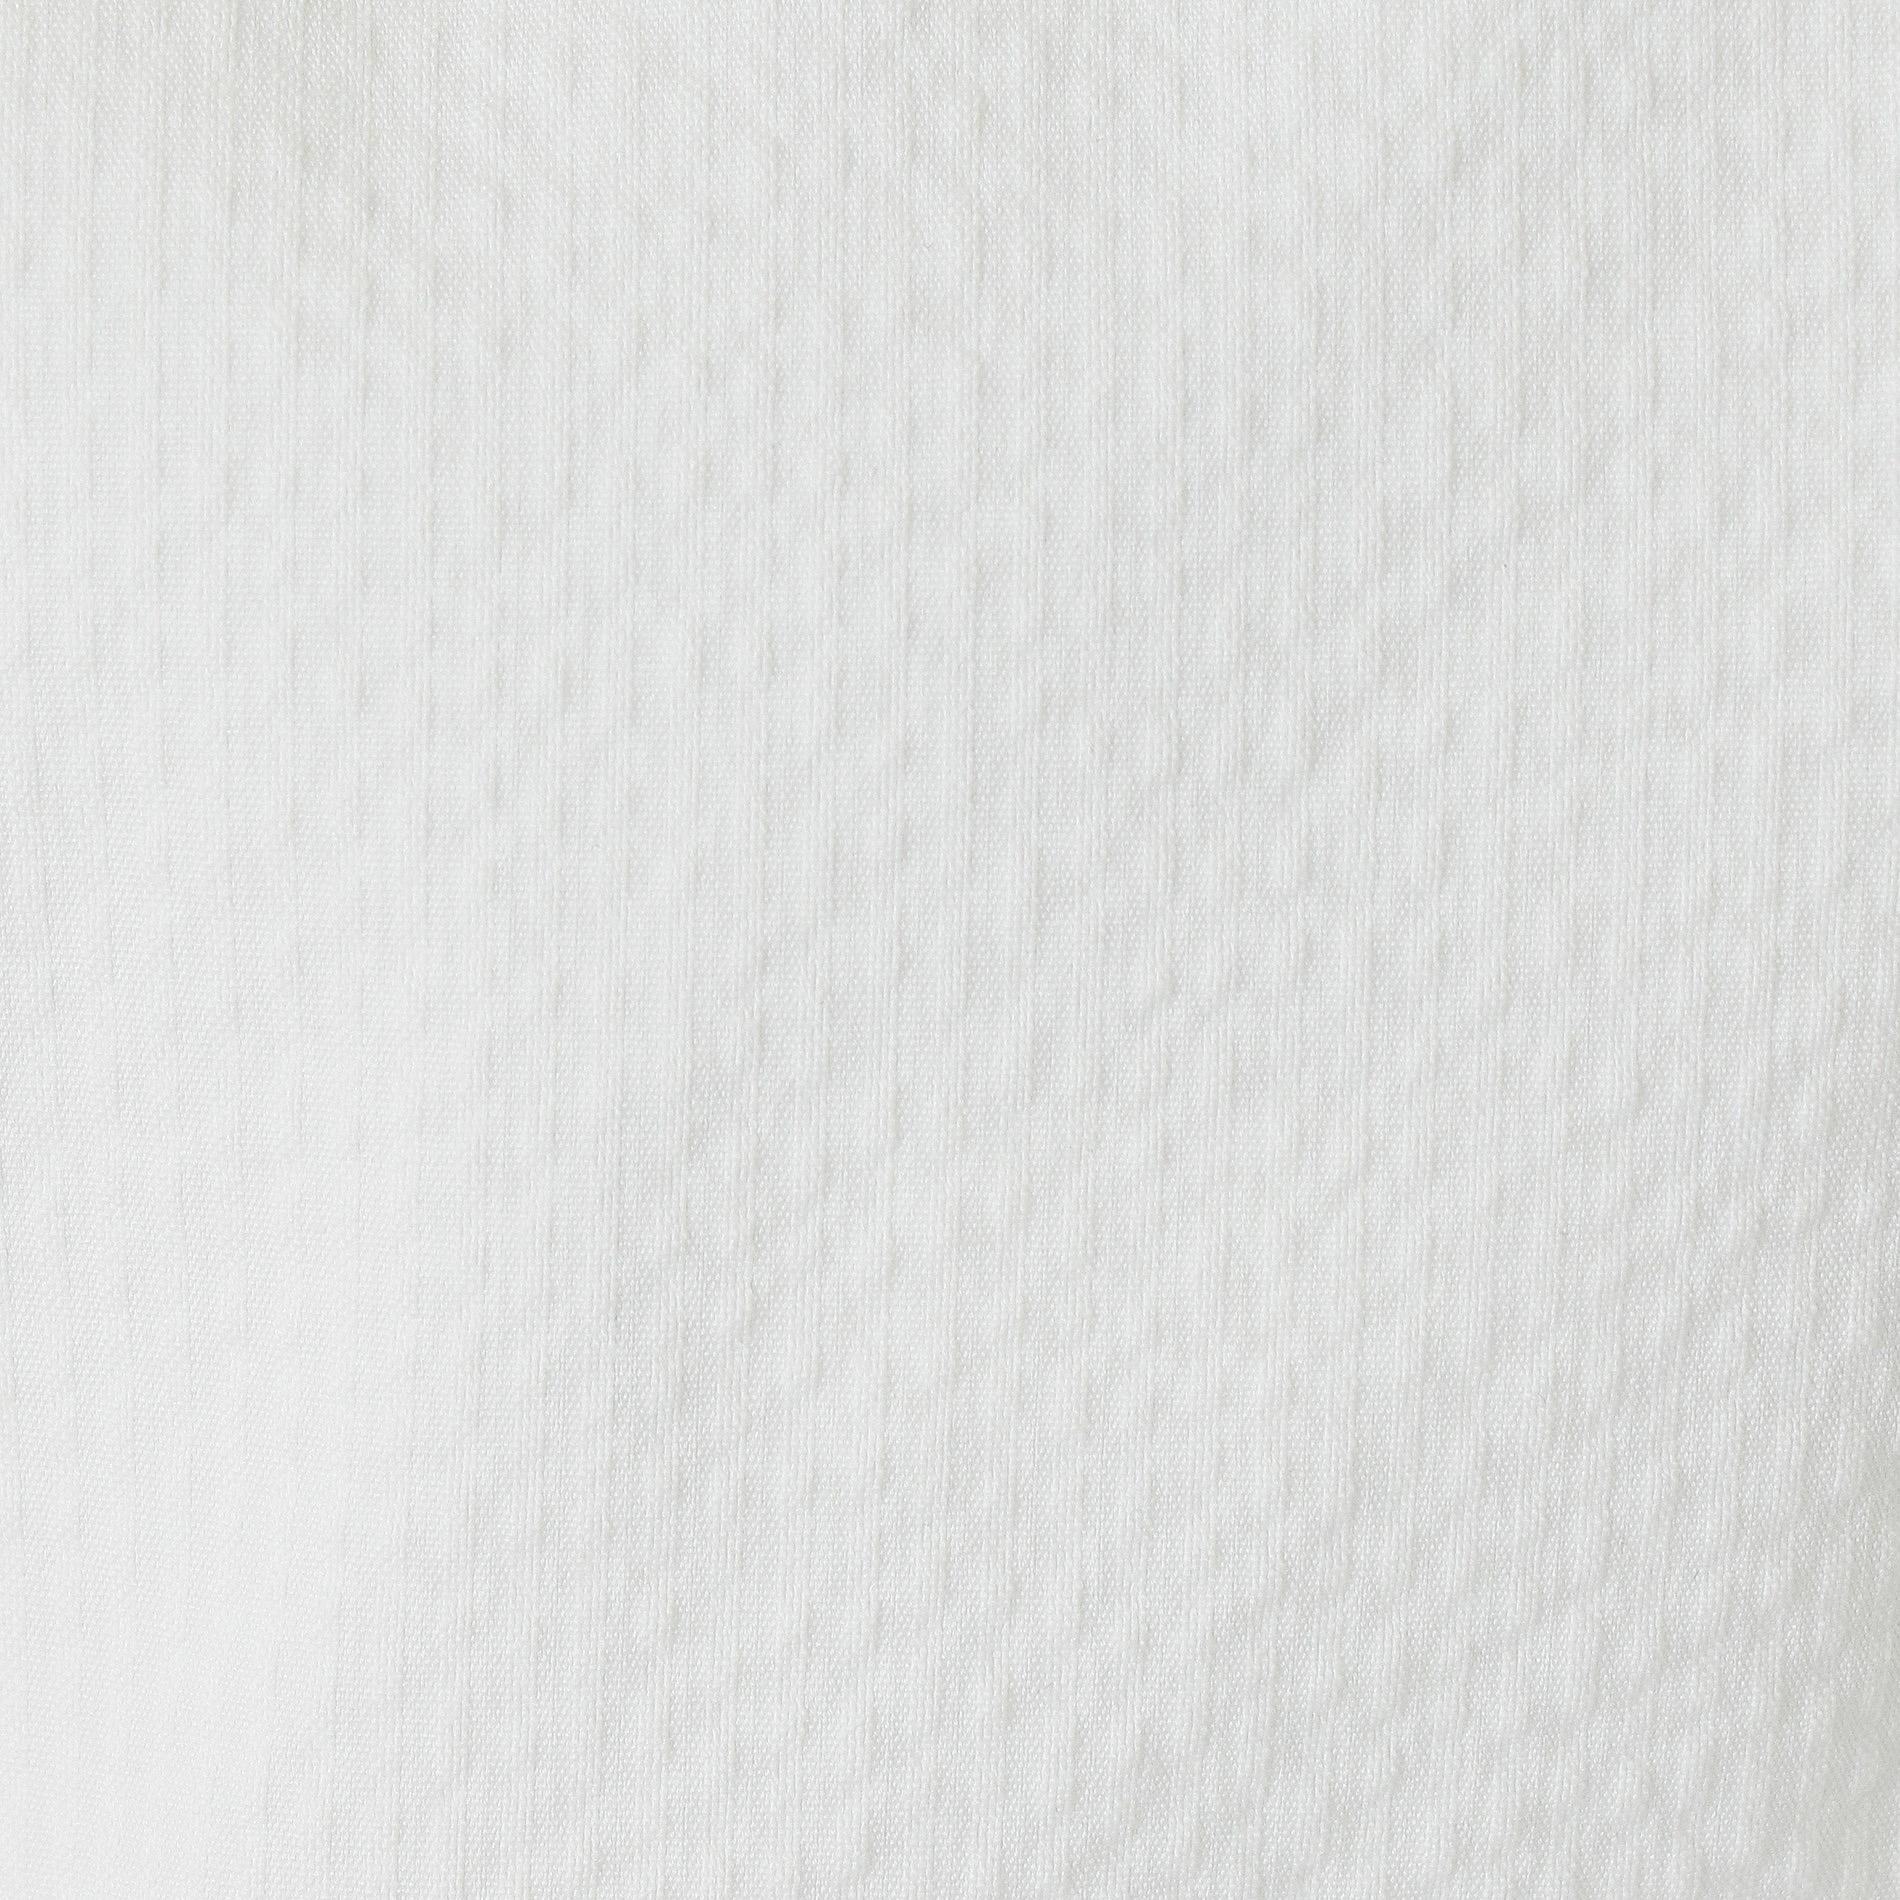 コットンナイロンシアサッカージャケット